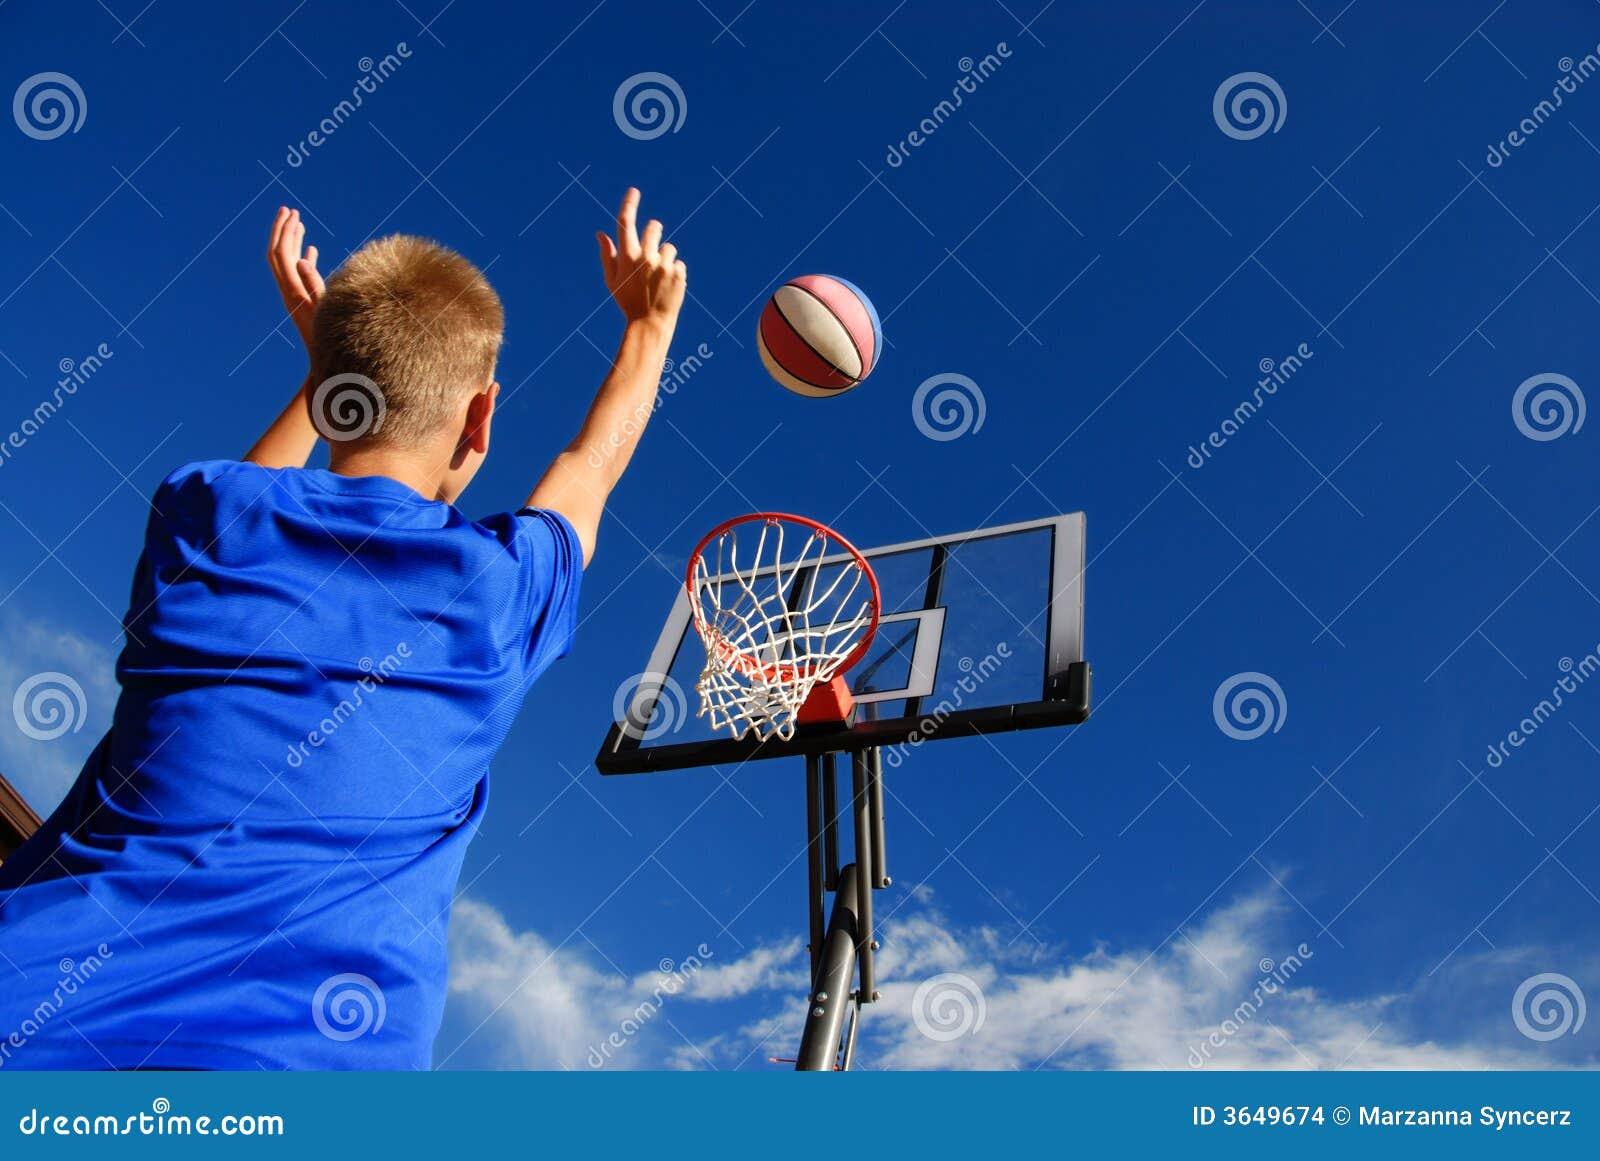 Junge, der Basketball spielt